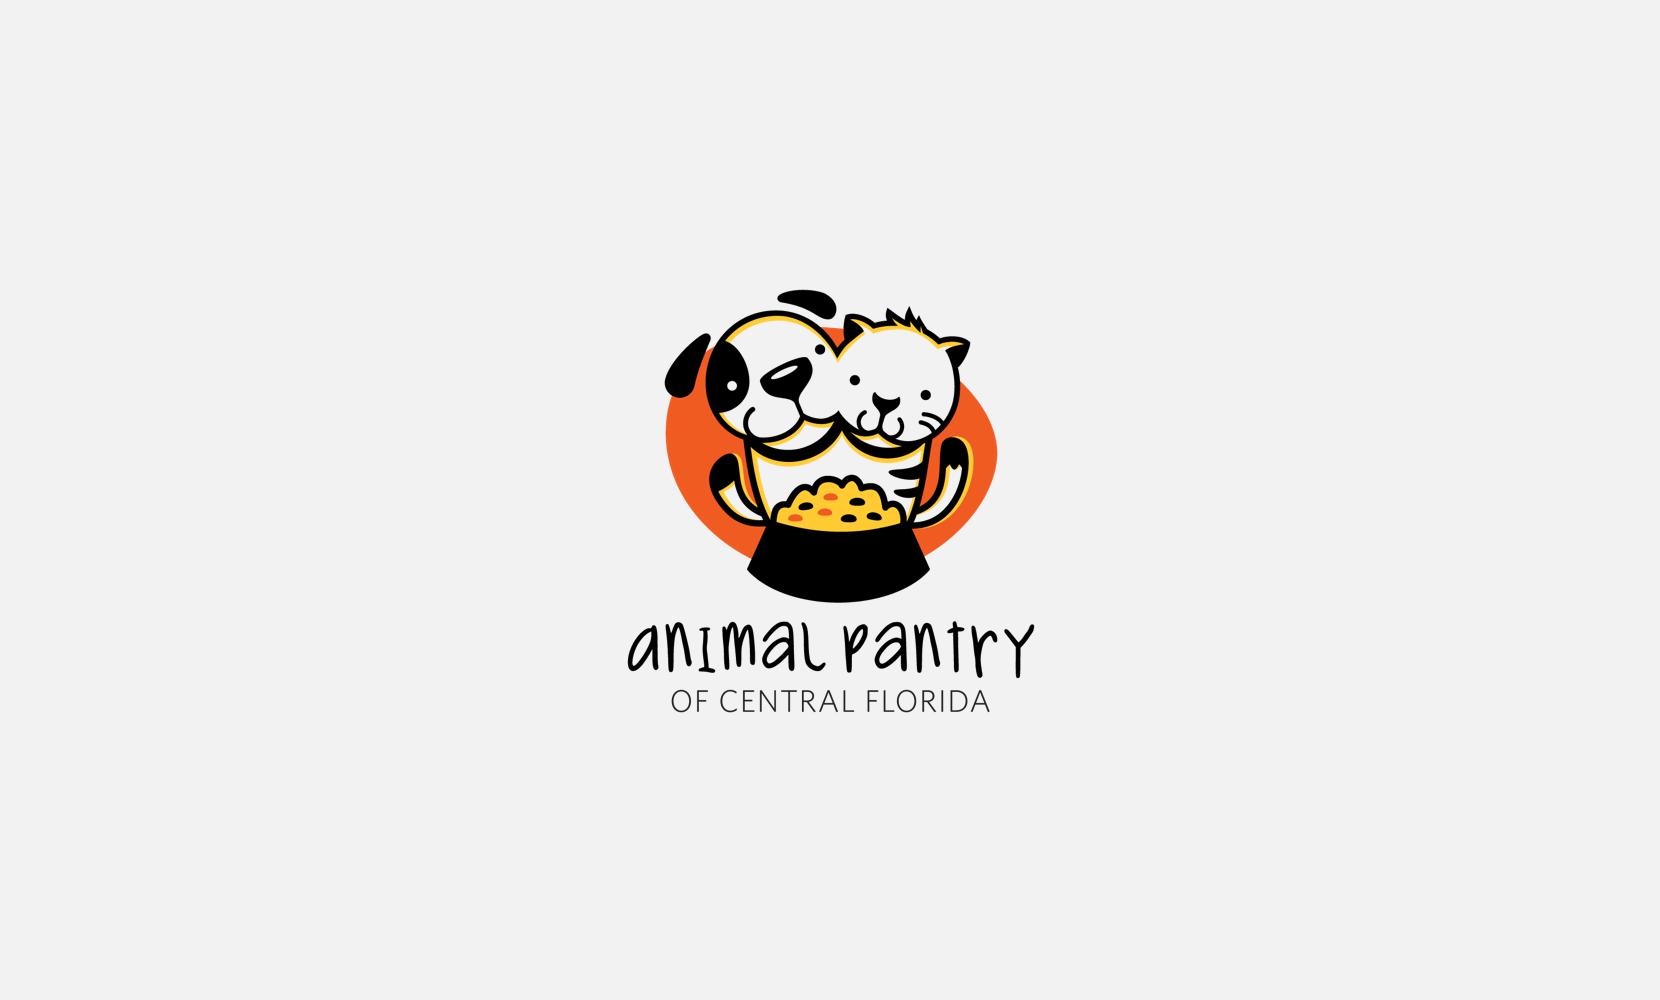 animalpantry_logo_bg.png